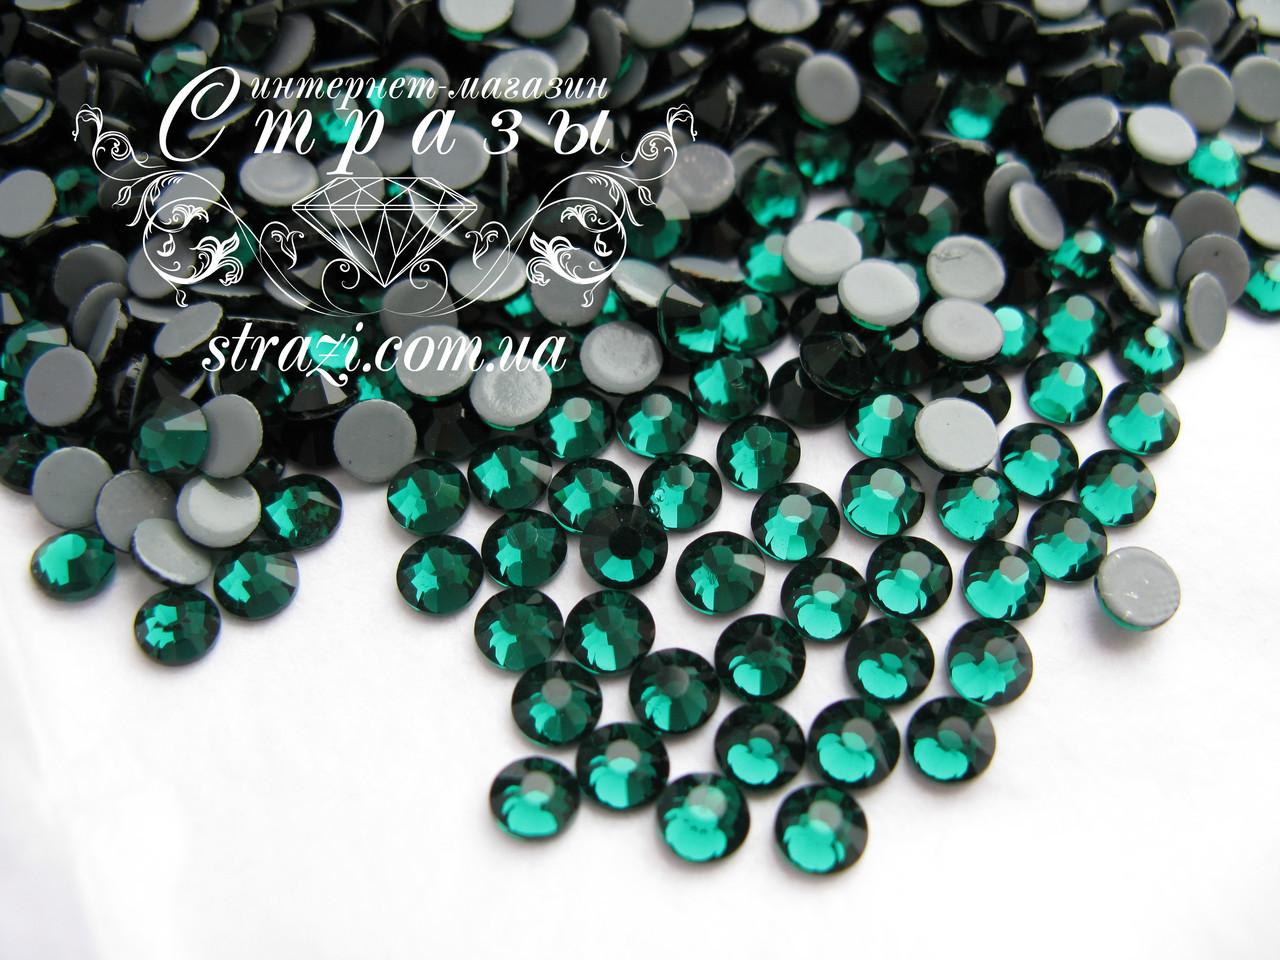 Термо стразы Lux ss20 Emerald (5.0mm) 100шт